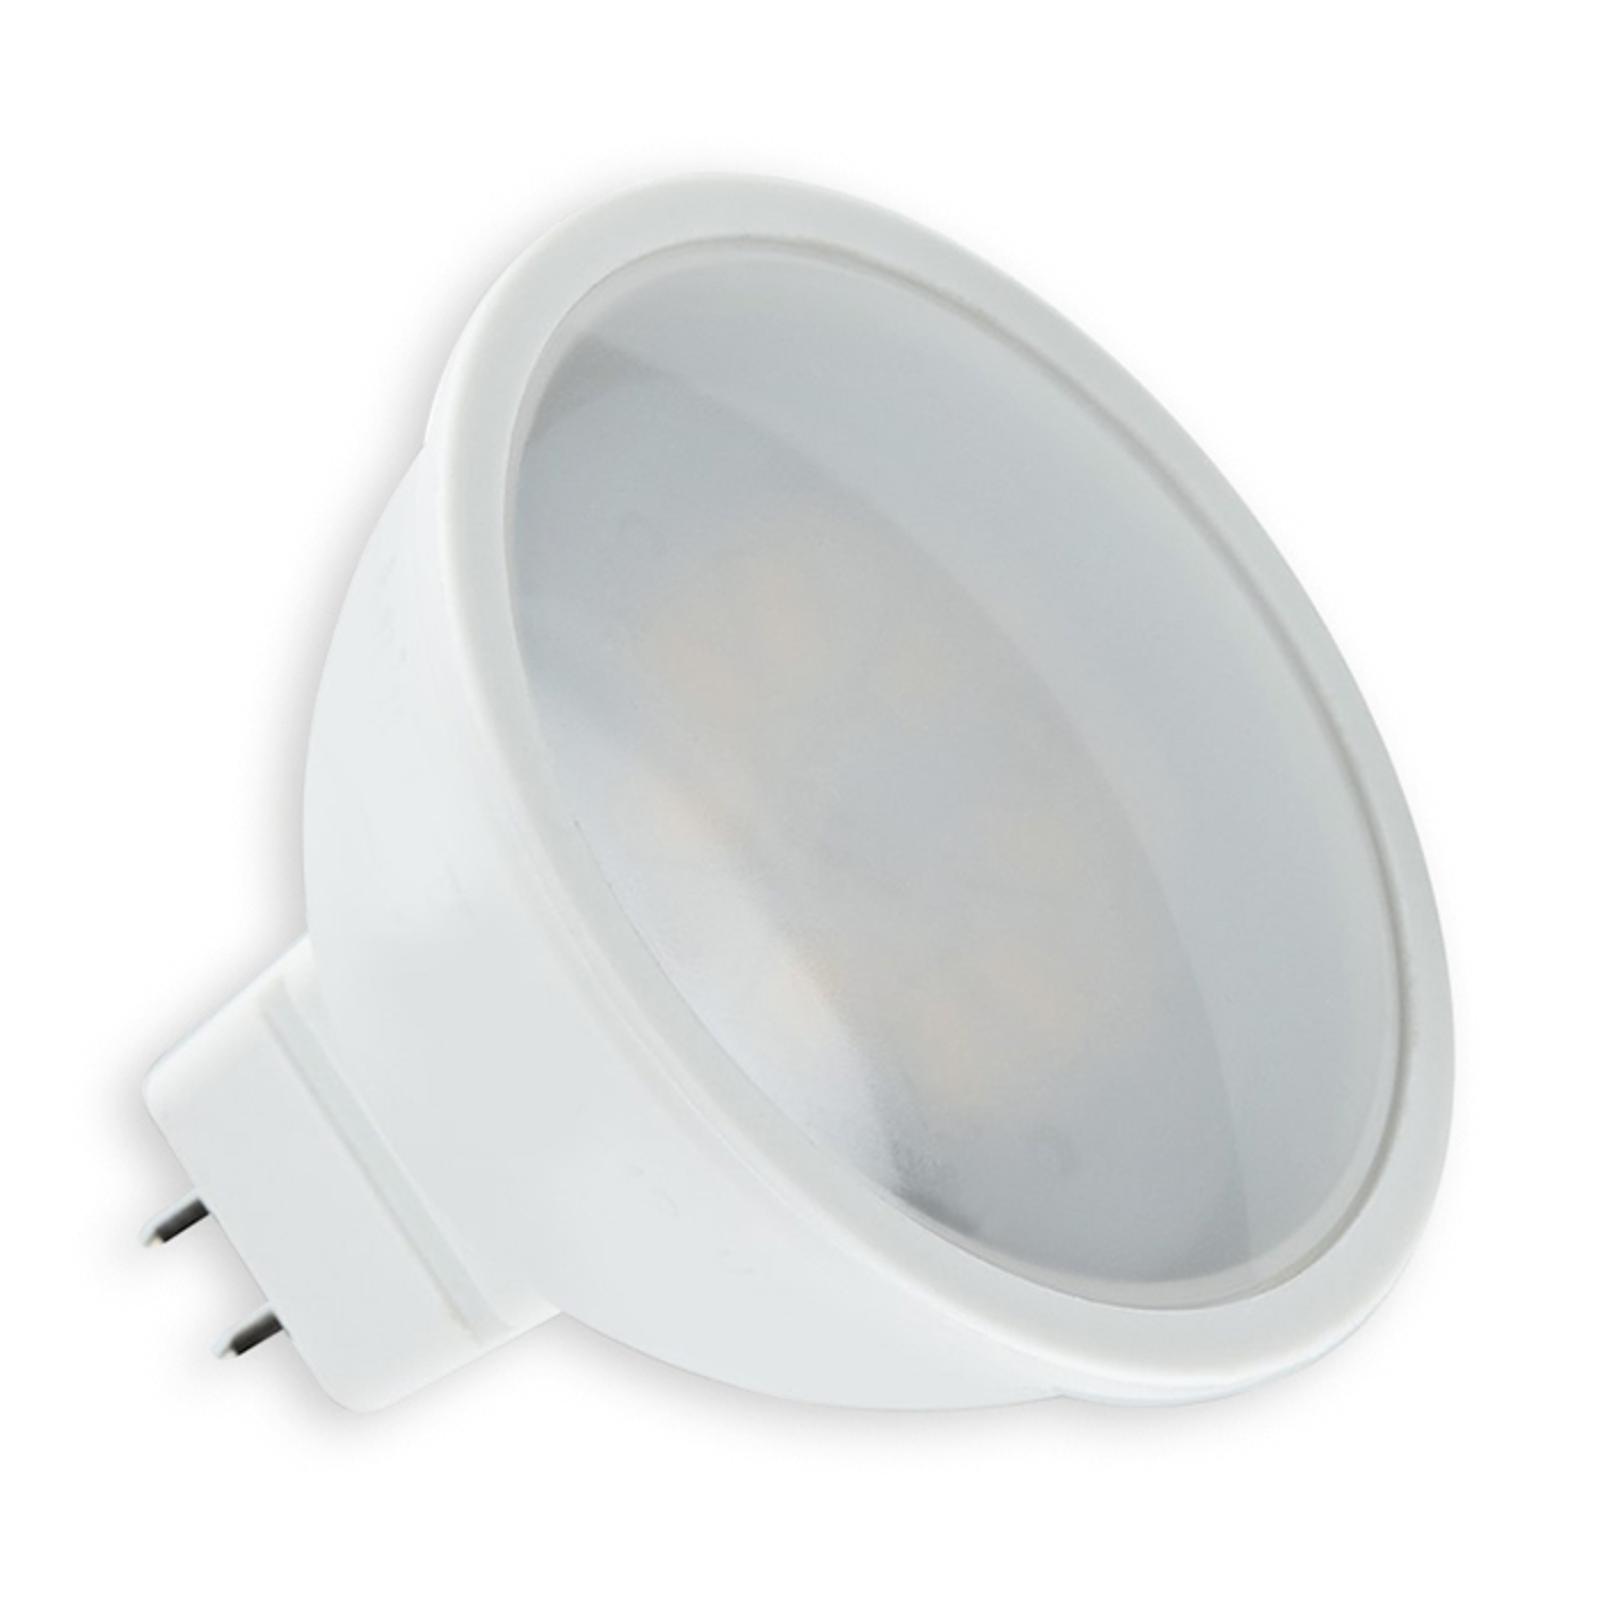 GU5,3 3W 827 LED-Reflektor 120°